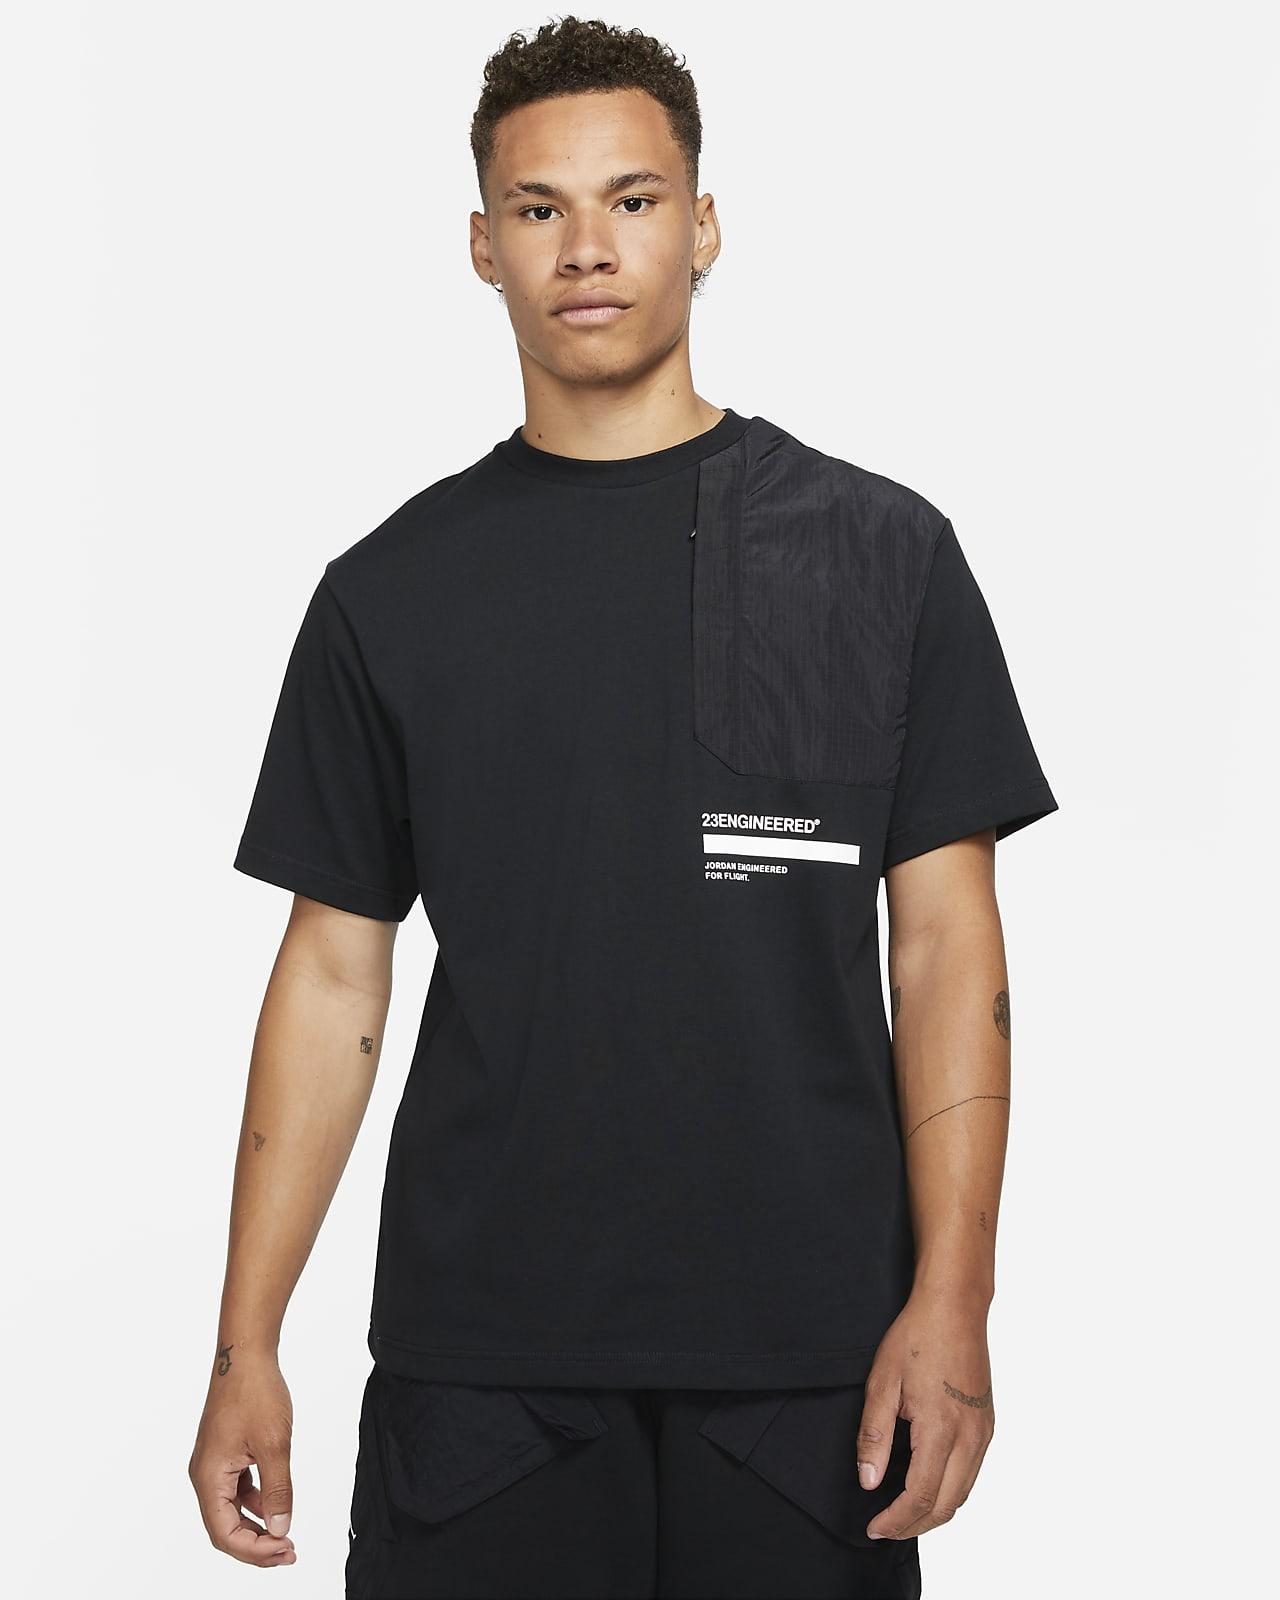 Jordan 23 Engineered Men's Short-Sleeve Top